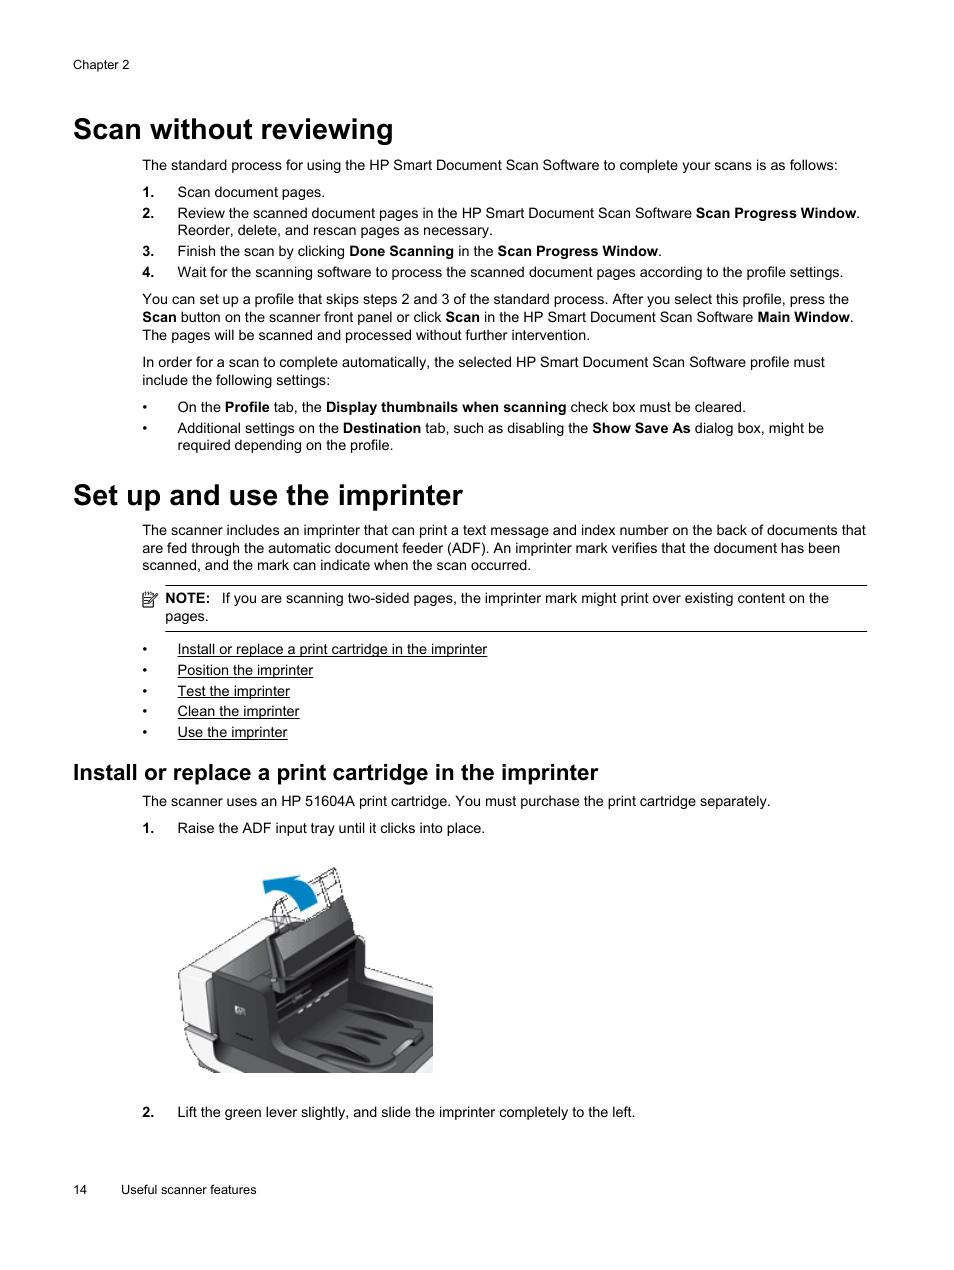 Hp scanjet enterprise flow n9120 flatbed scanner user manual.